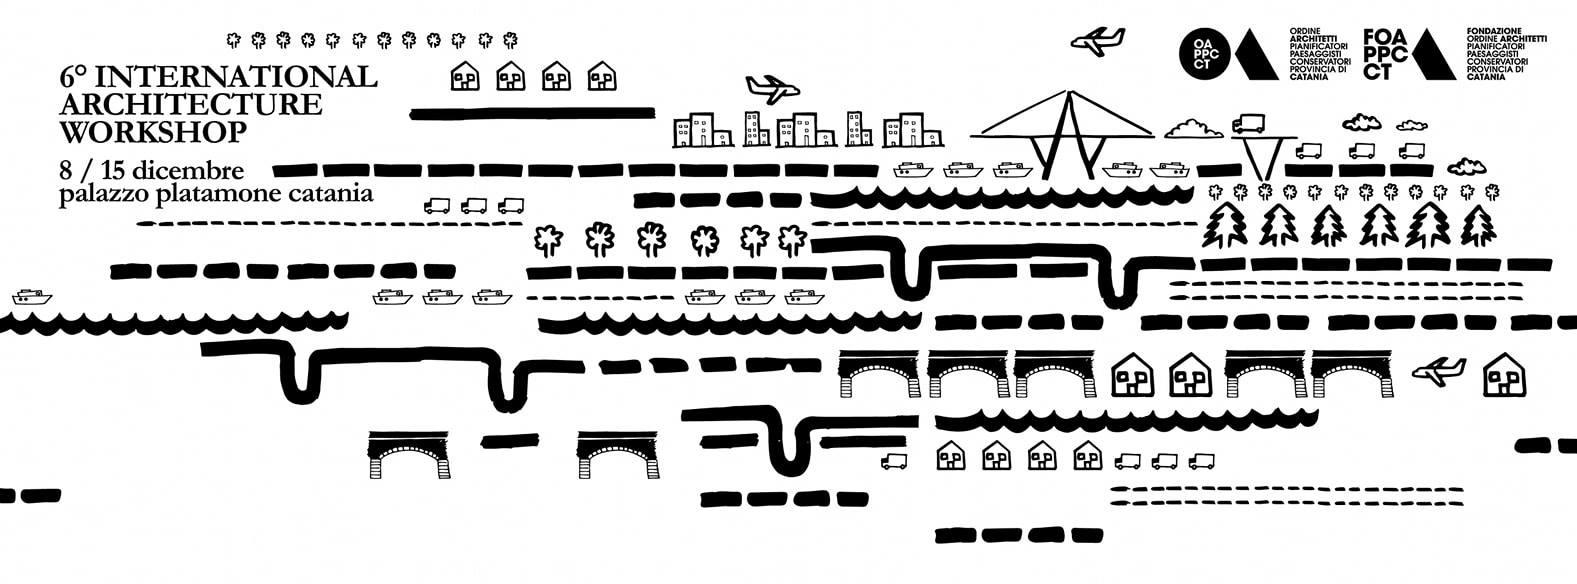 Lavoro Ingegnere Edile Architetto Catania architettura, pubblicato bando workshop internazionale